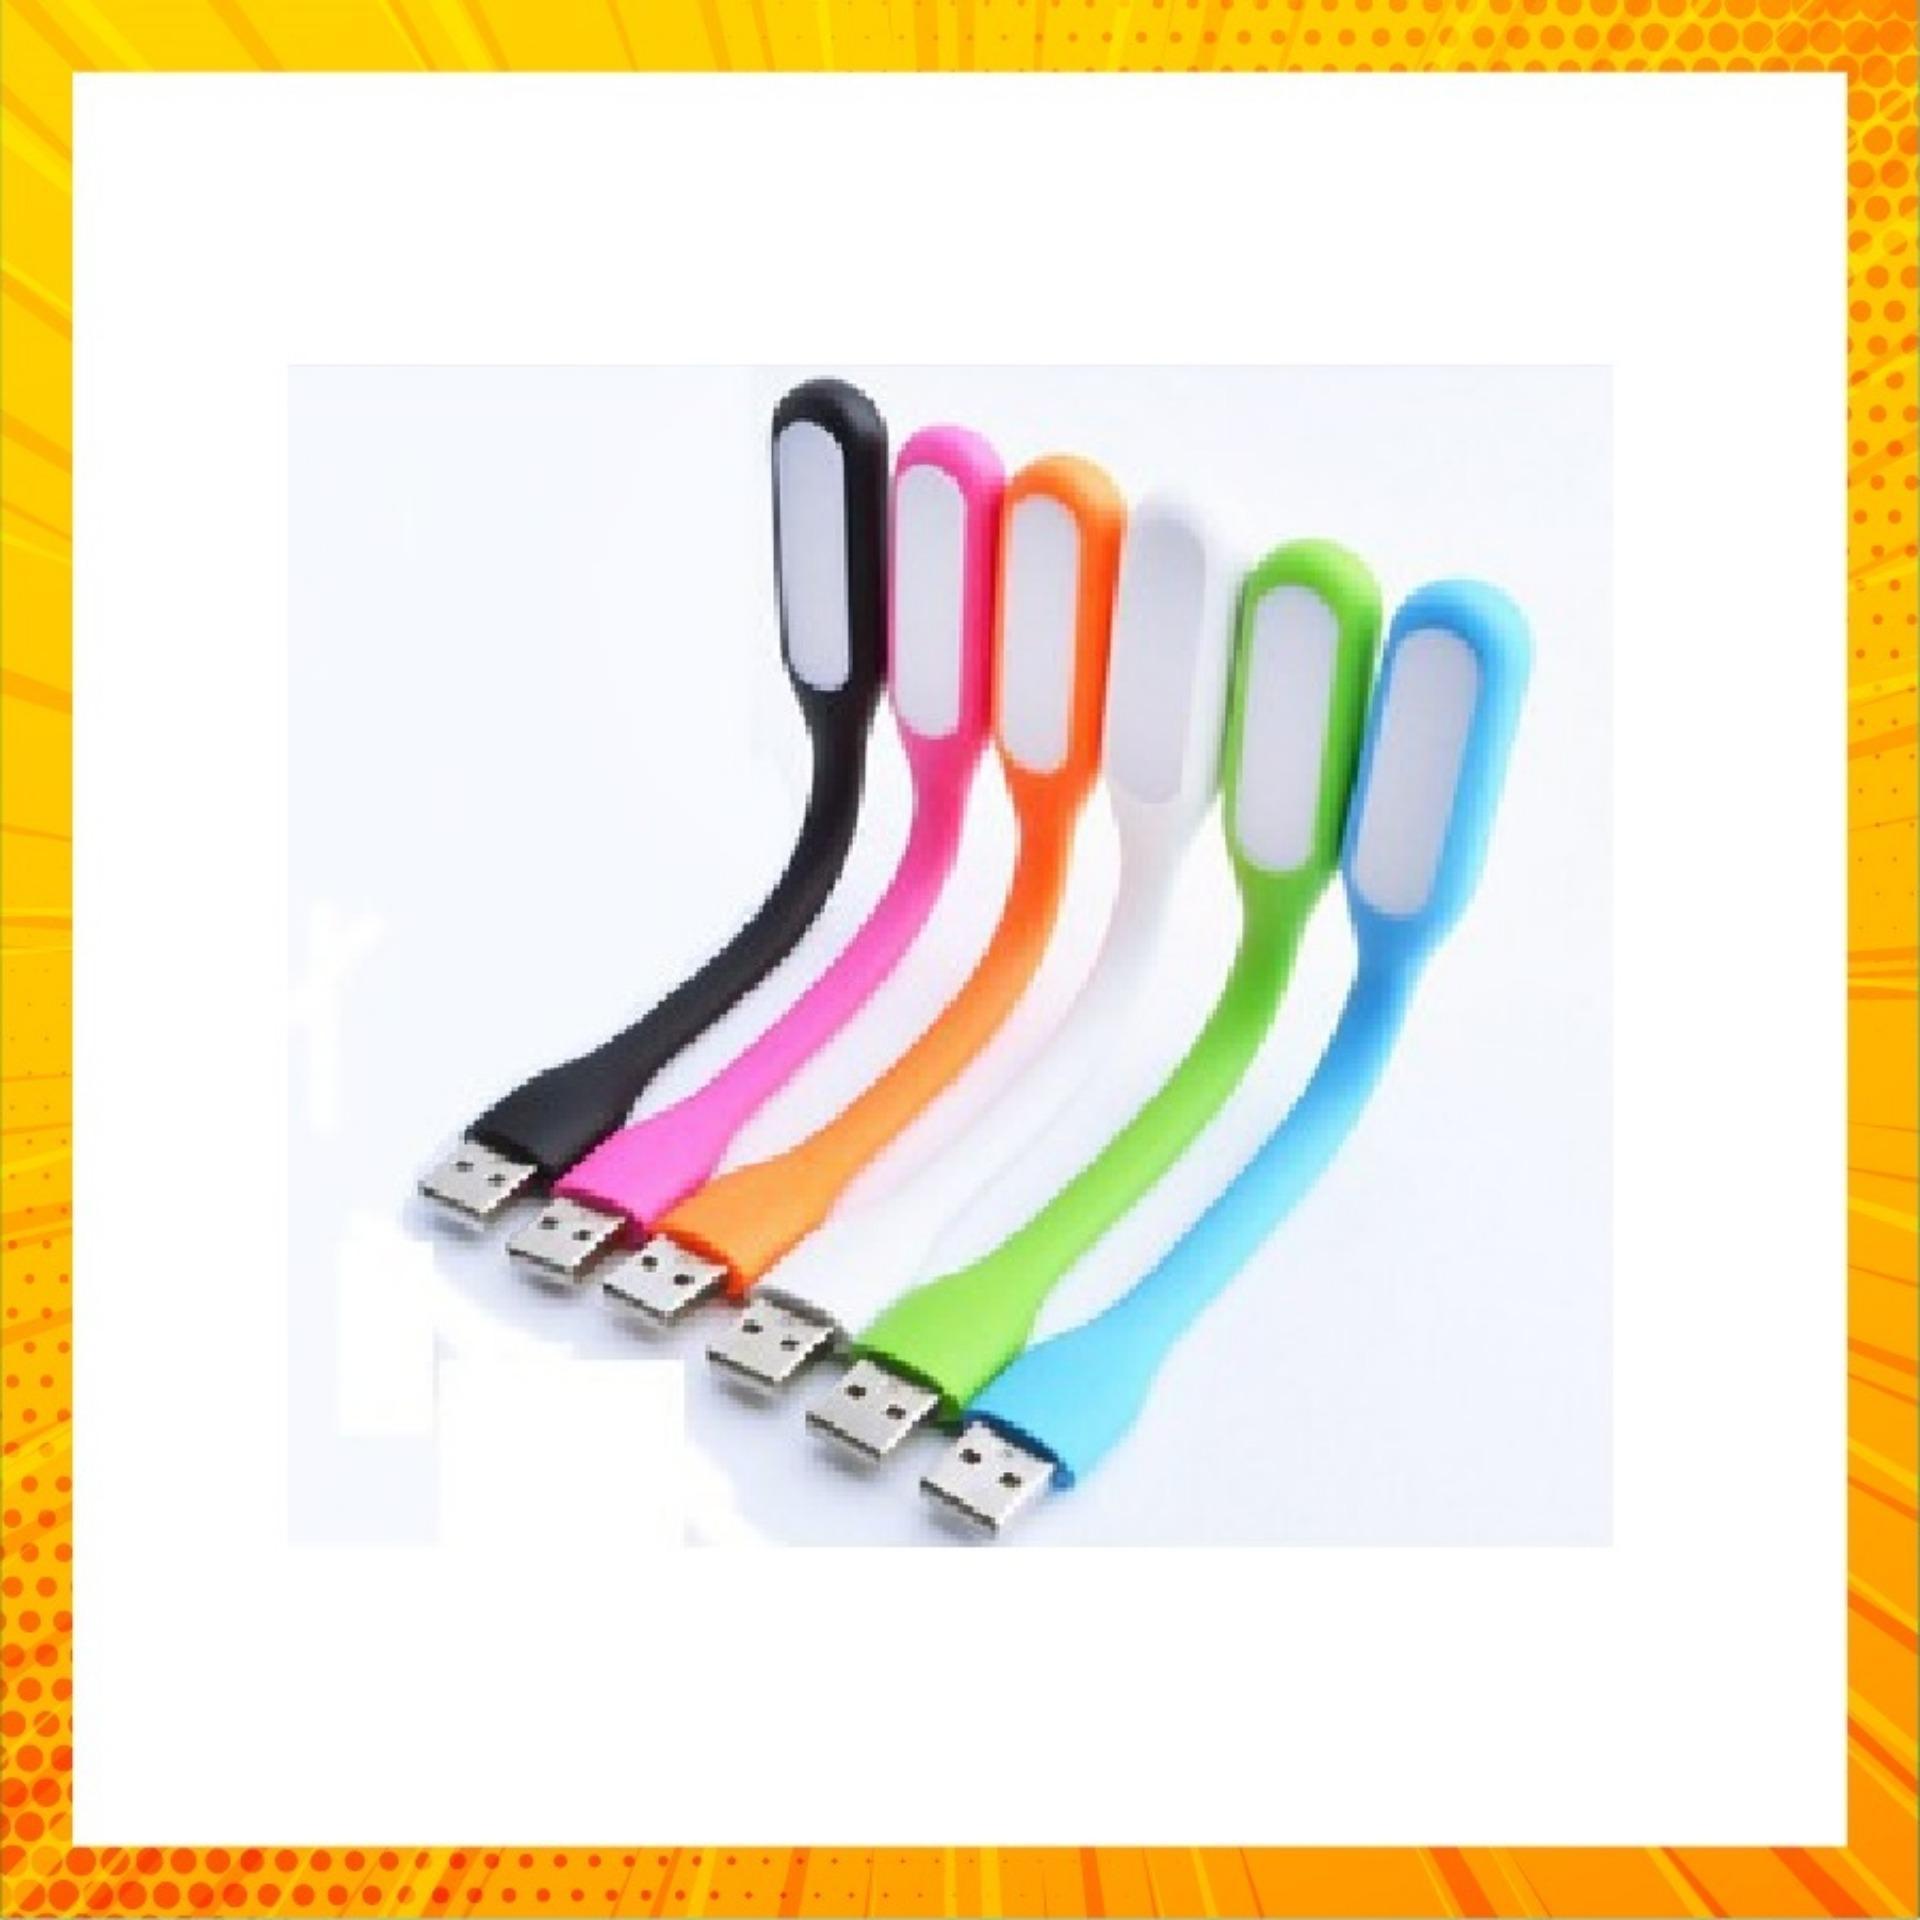 Bảng giá [COMBO 2] ĐÈN LED USB Phong Vũ